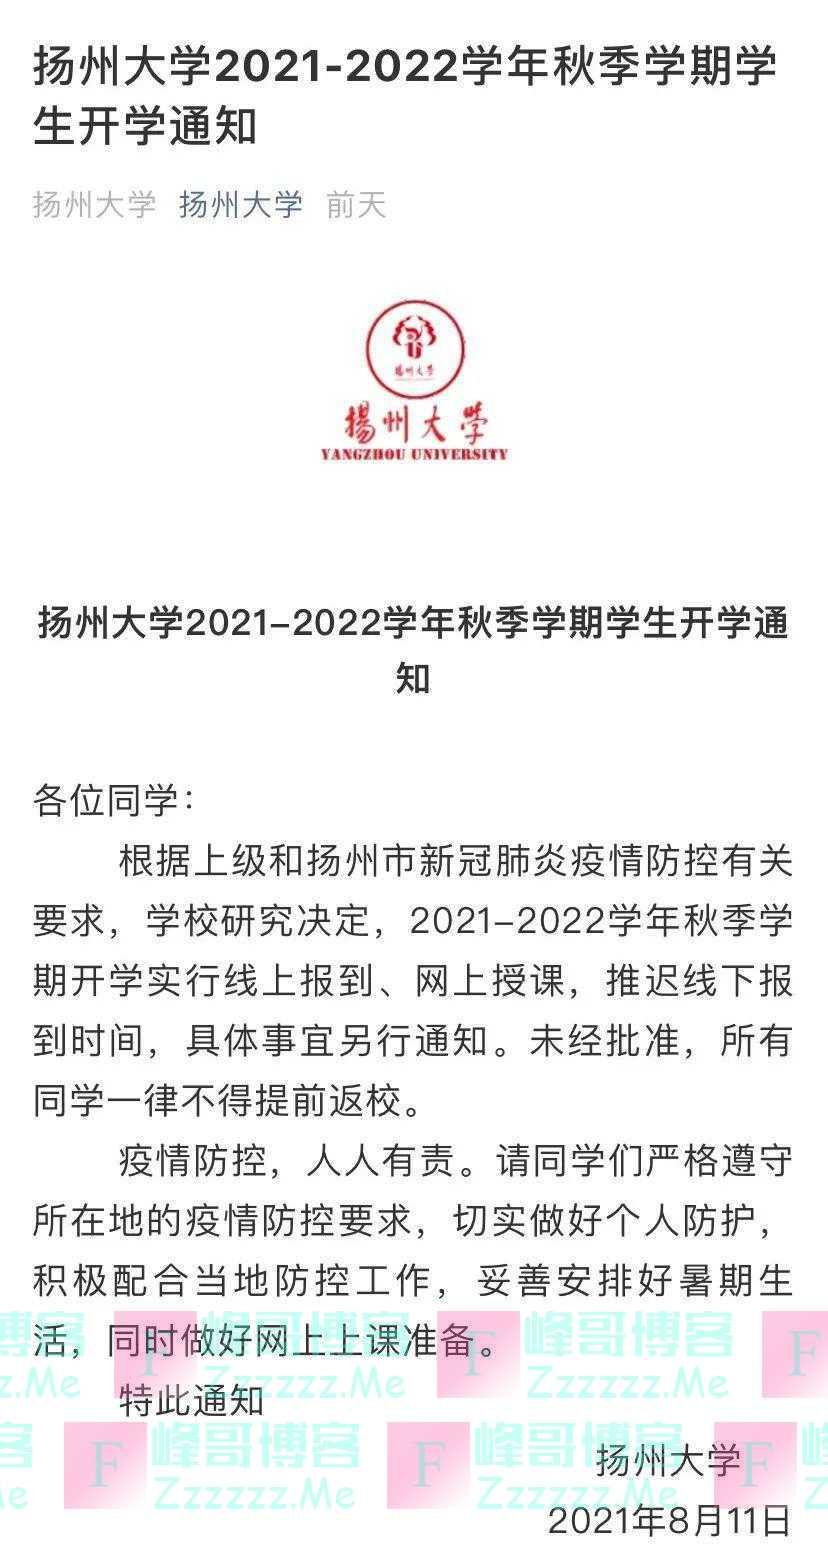 多所高校明确:开学上网课!浙江发布返校要求,杭州再次明确这件事